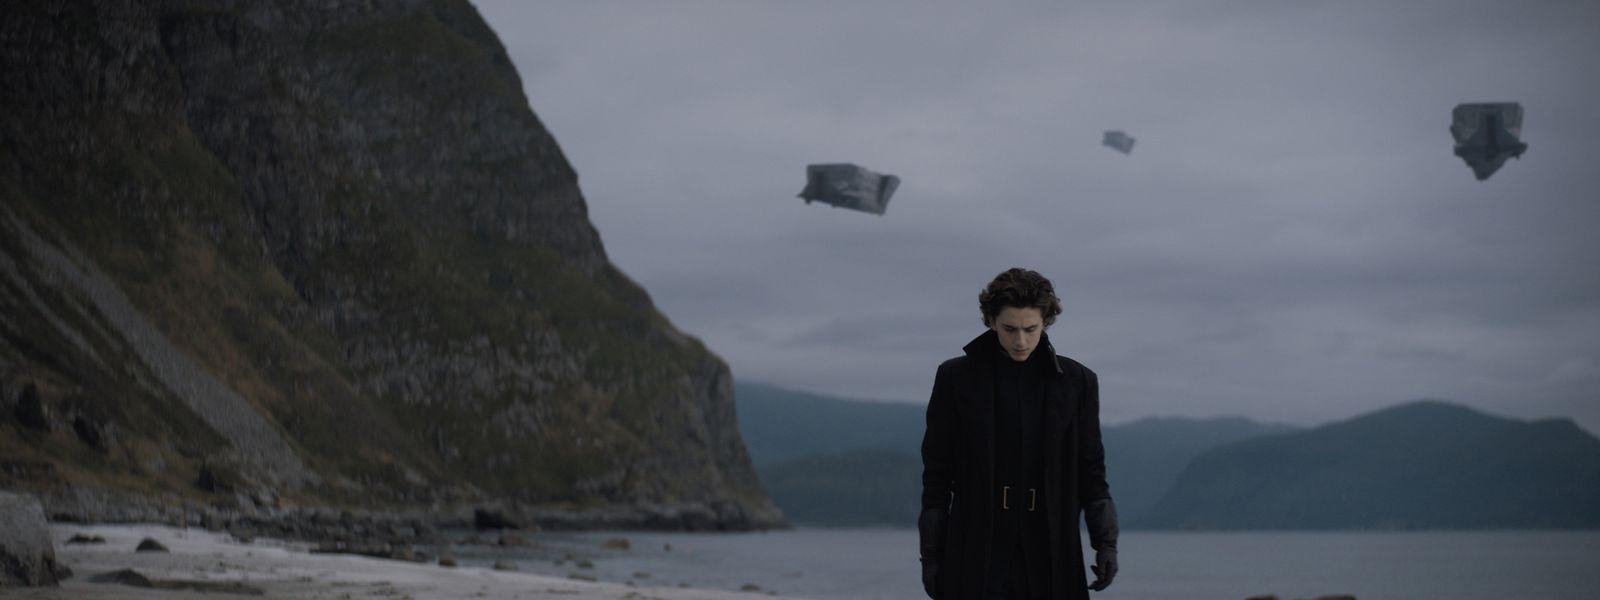 """Esta versão de """"Dune"""", além de ser muito pessoal, não vai agradar a todos."""